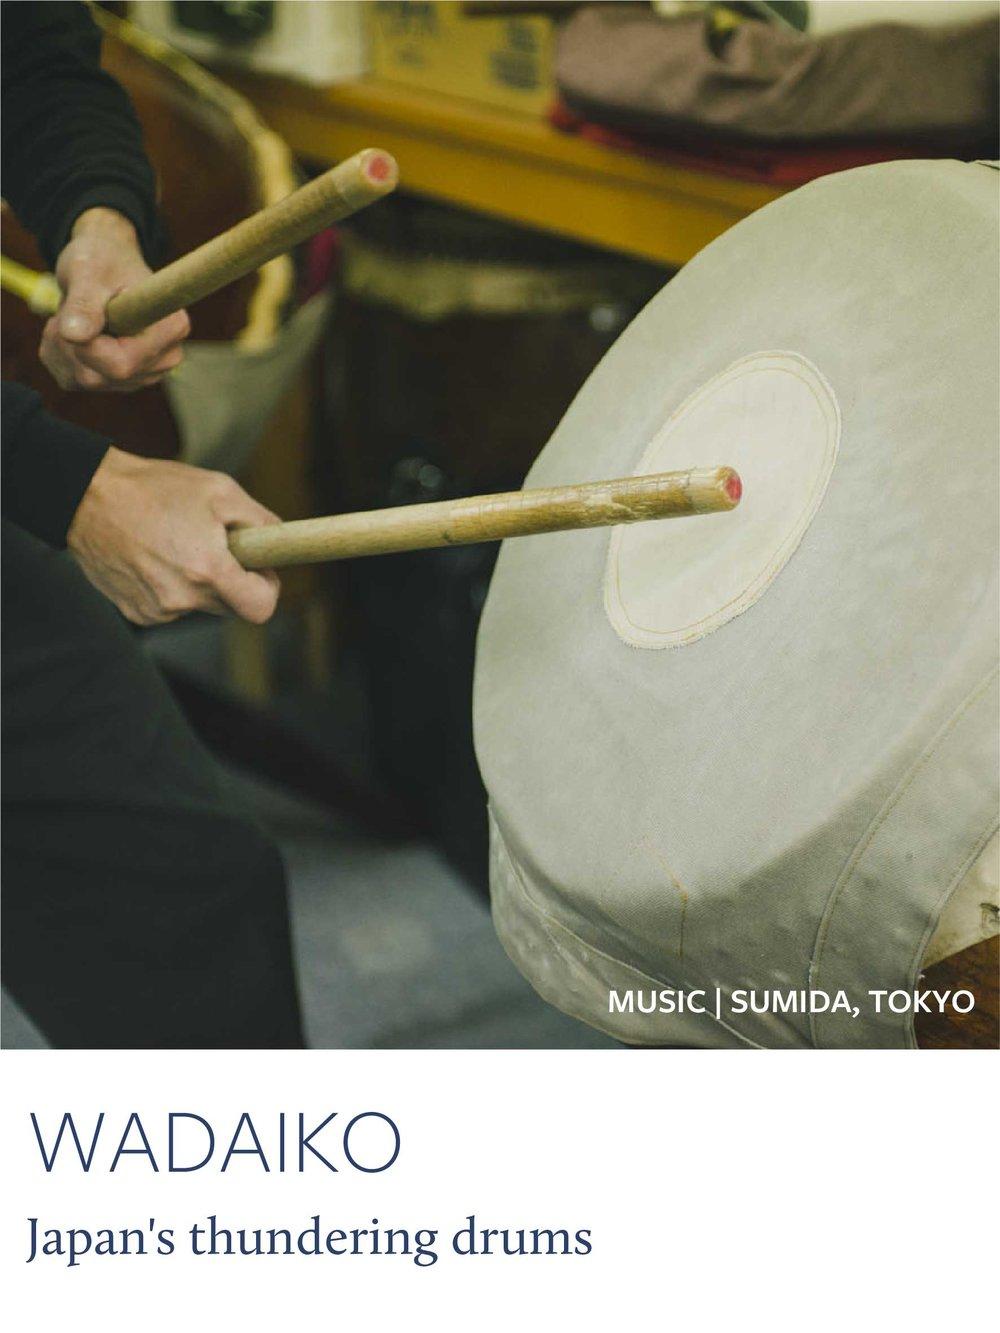 Thundering Wadaiko drums